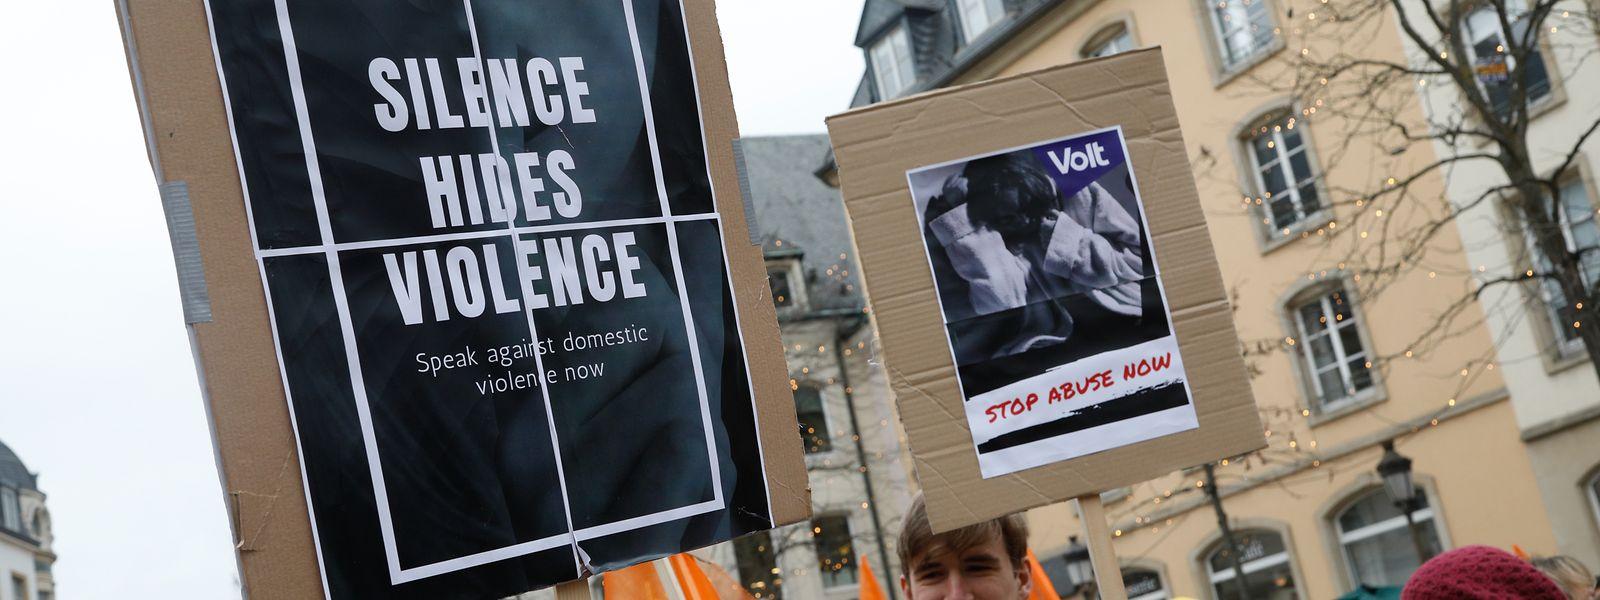 La dernière Orange Week avait démontré la capacité de mobilisation des organisations défendant les droits des femmes.